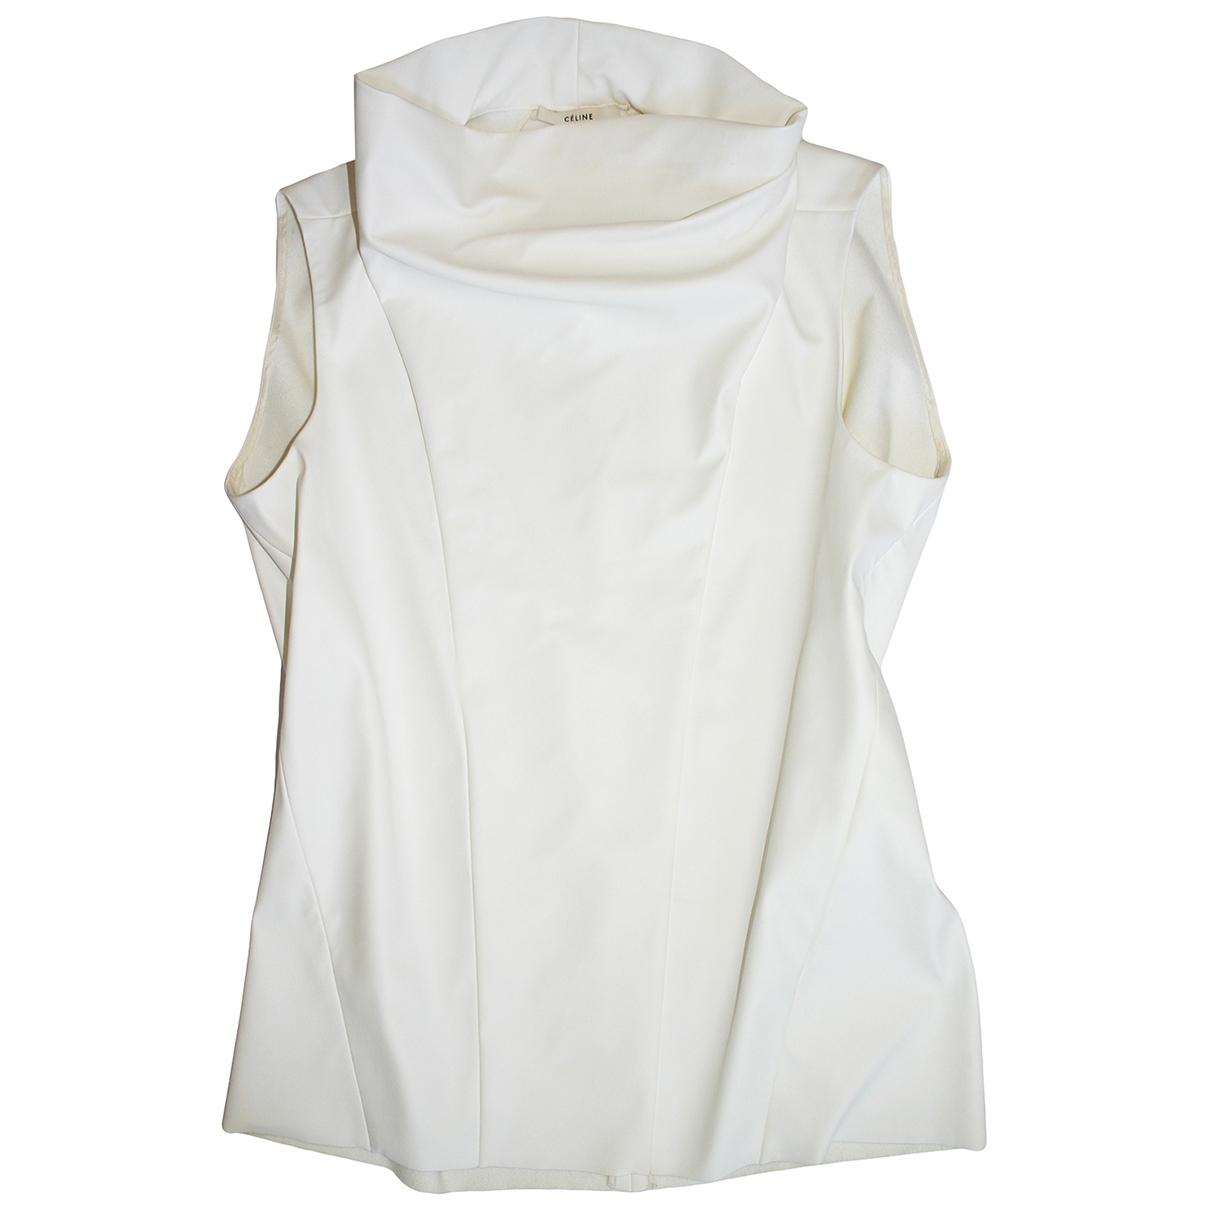 Celine \N White  top for Women 36 FR